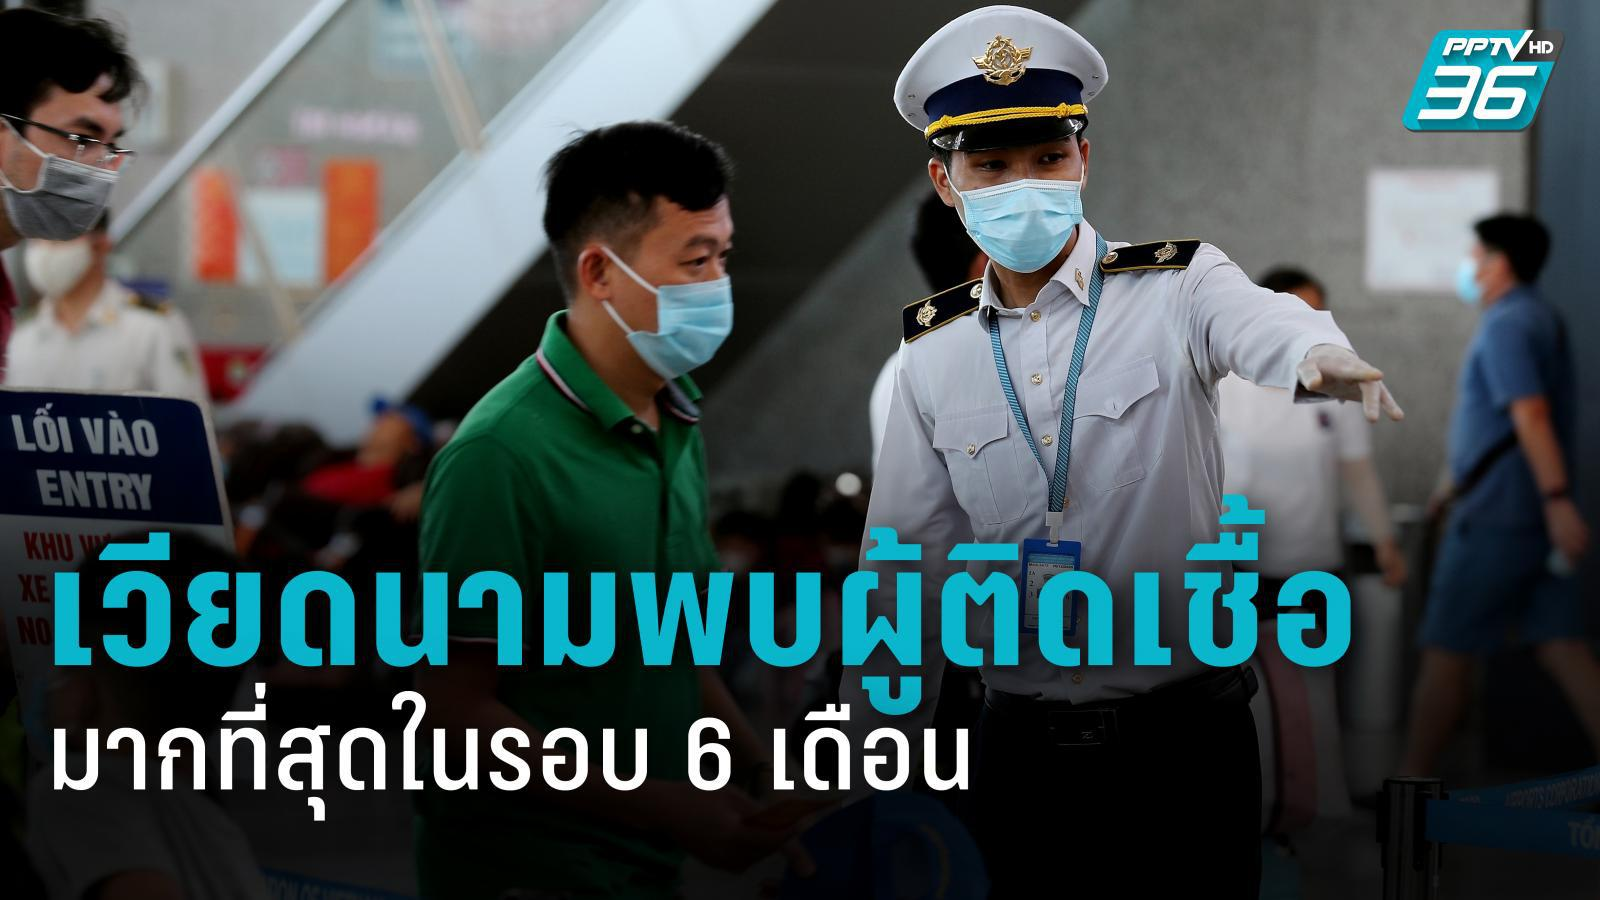 เวียดนามพบผู้ติดเชื้อโควิด-19 รายใหม่ 45 ราย สูงที่สุดนับแต่เกิดวิกฤต